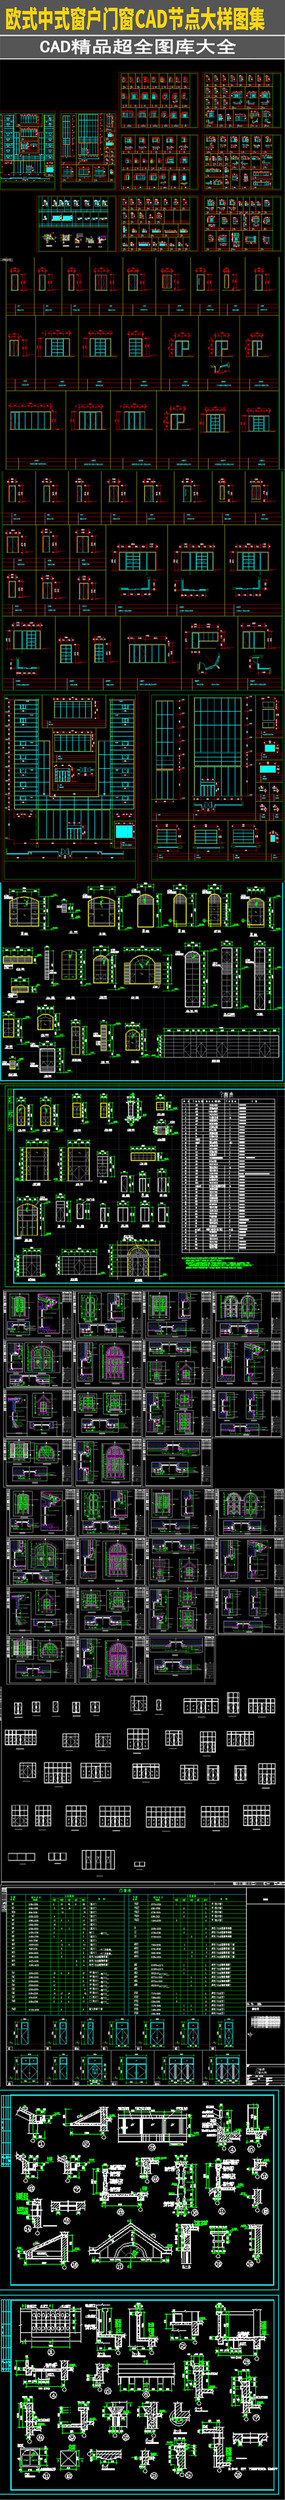 欧式中式窗户门窗CAD节点图集